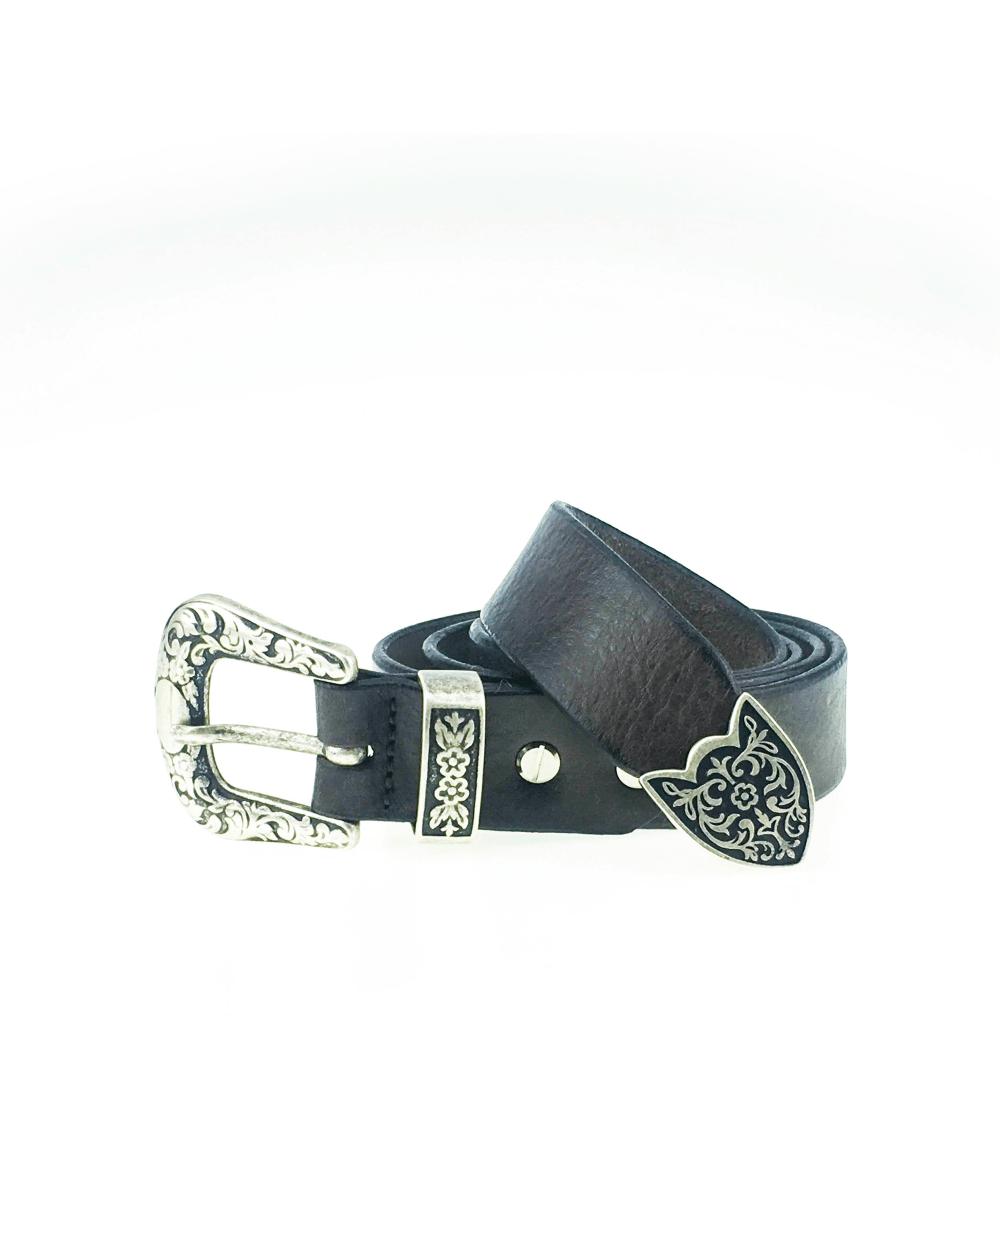 Cintura in cuoio e lavorata a mano testa di moro